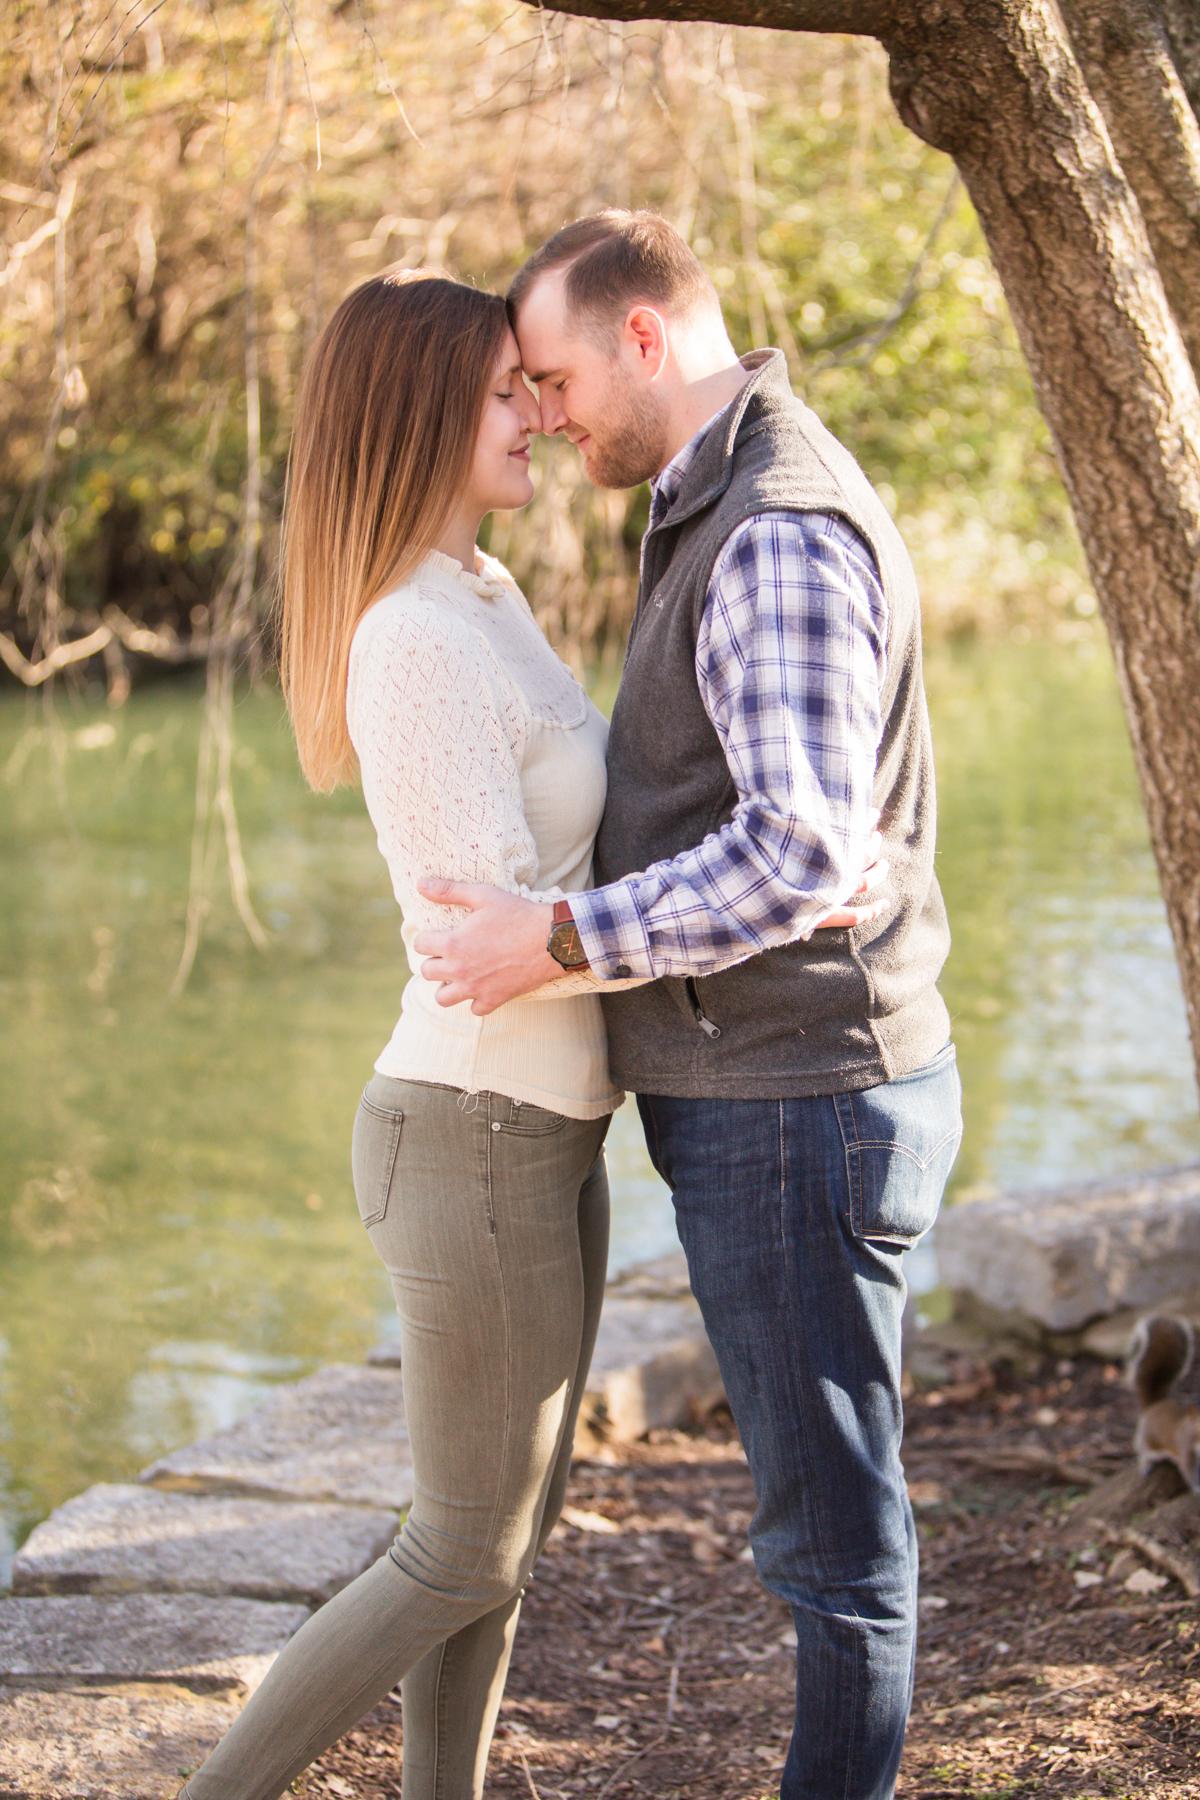 Lauren-and-Grant-Engagement-Centennial-Park-Nashville-Sneak-Peak-0023.jpg